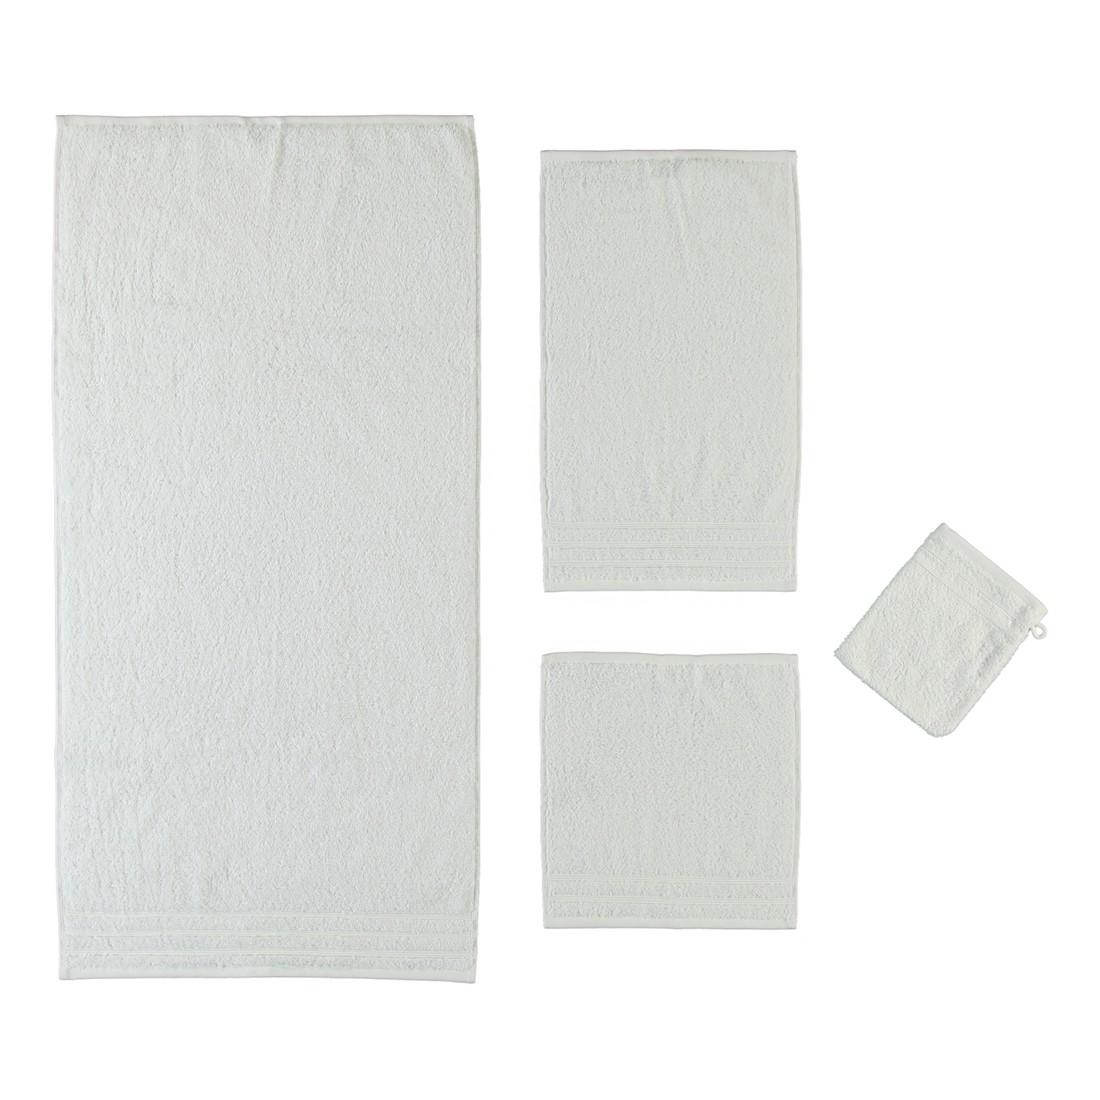 Handtuch Royal – 100% Baumwolle SchneeWeiß – 114 – Duschtuch: 70 x 140 cm, Kleine Wolke günstig bestellen